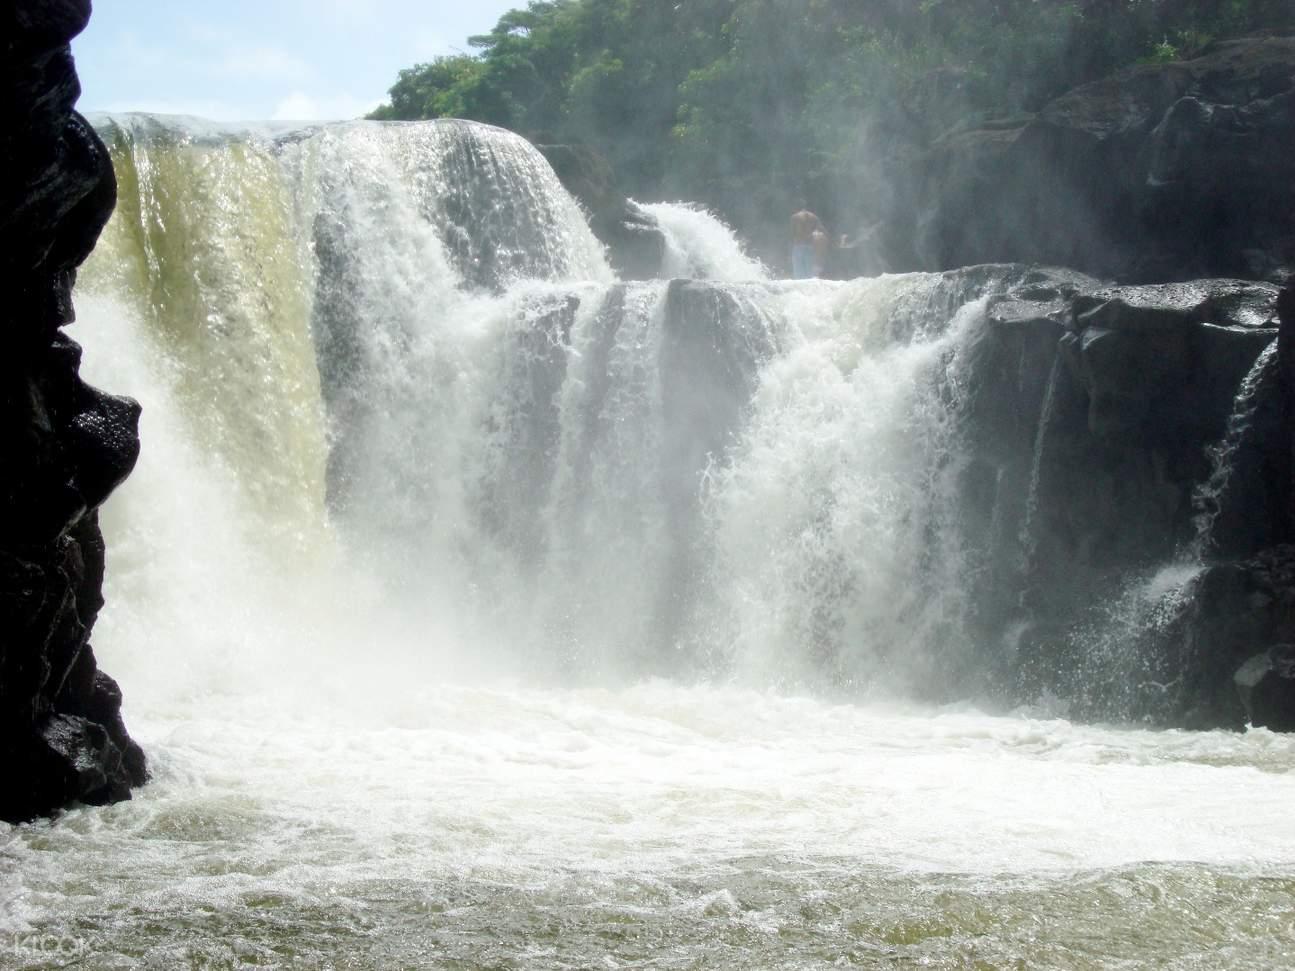 毛里求斯鹿岛,毛里求斯一日游,毛里求斯旅游,毛里求斯著名景点,毛里求斯河口瀑布,毛里求斯中文团